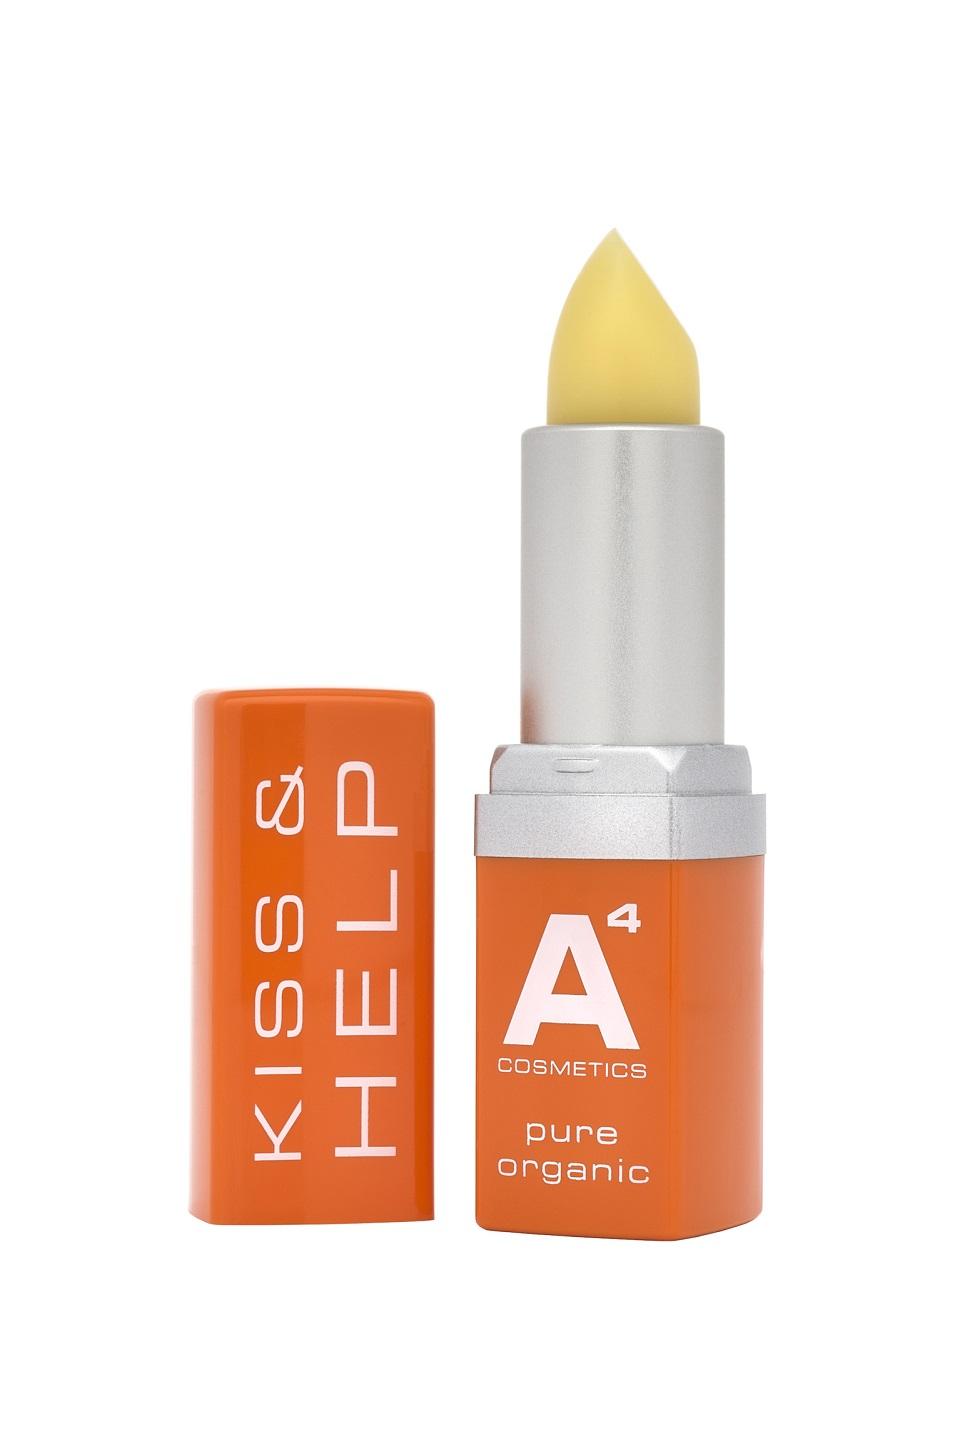 Der Kiss & Help Lip Balm von A4 Cosmetics ist in einer Verpackung in grellem Orange und Silber verpackt, die aus wiederverwertetem Plastik besteht.